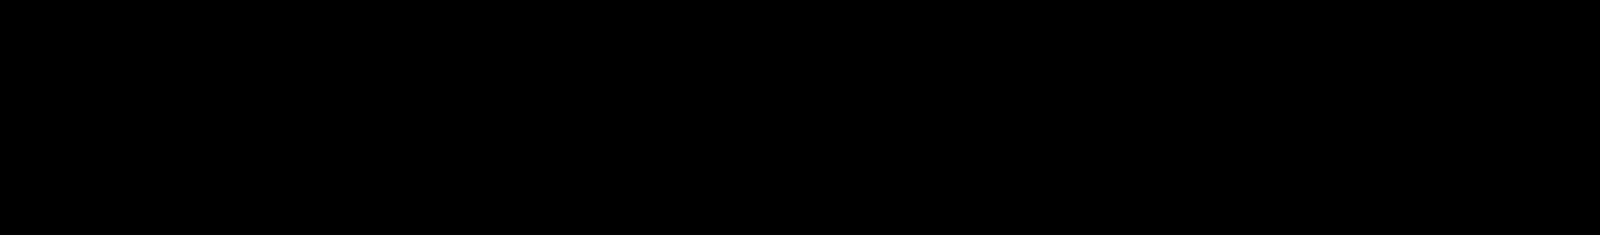 Diethoxymethane